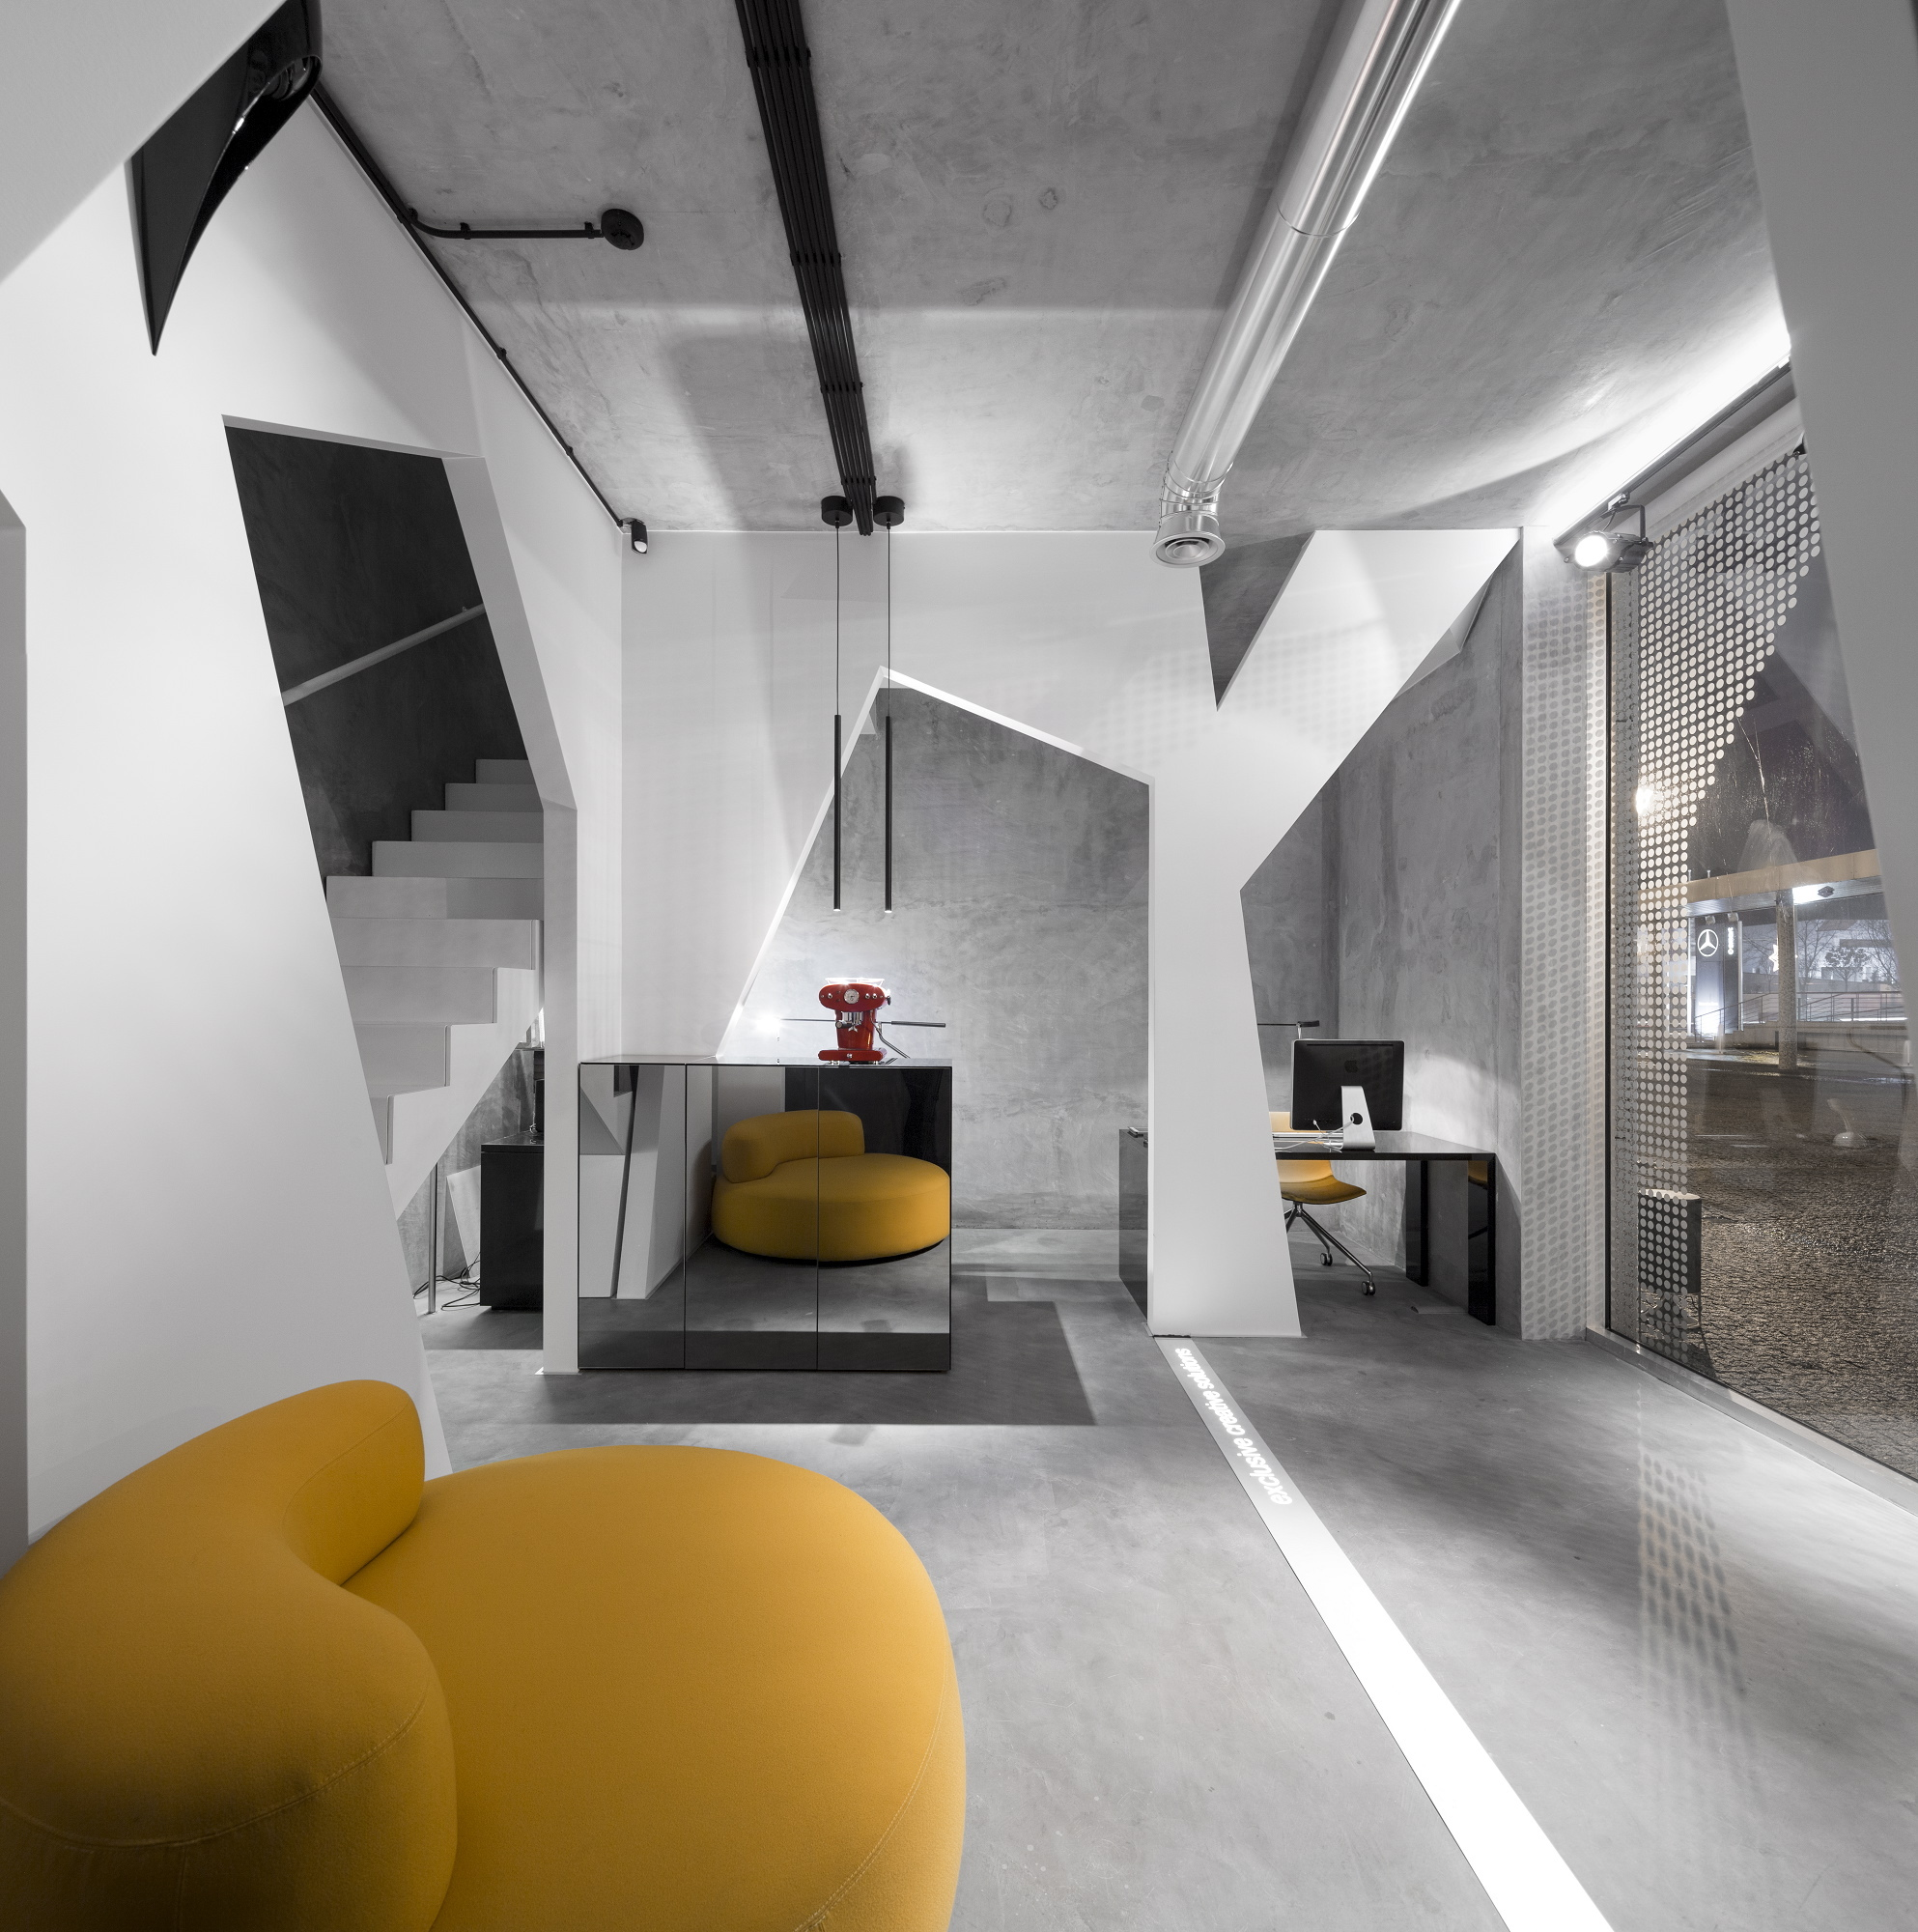 Consexto Lab / consexto, © FG + SG